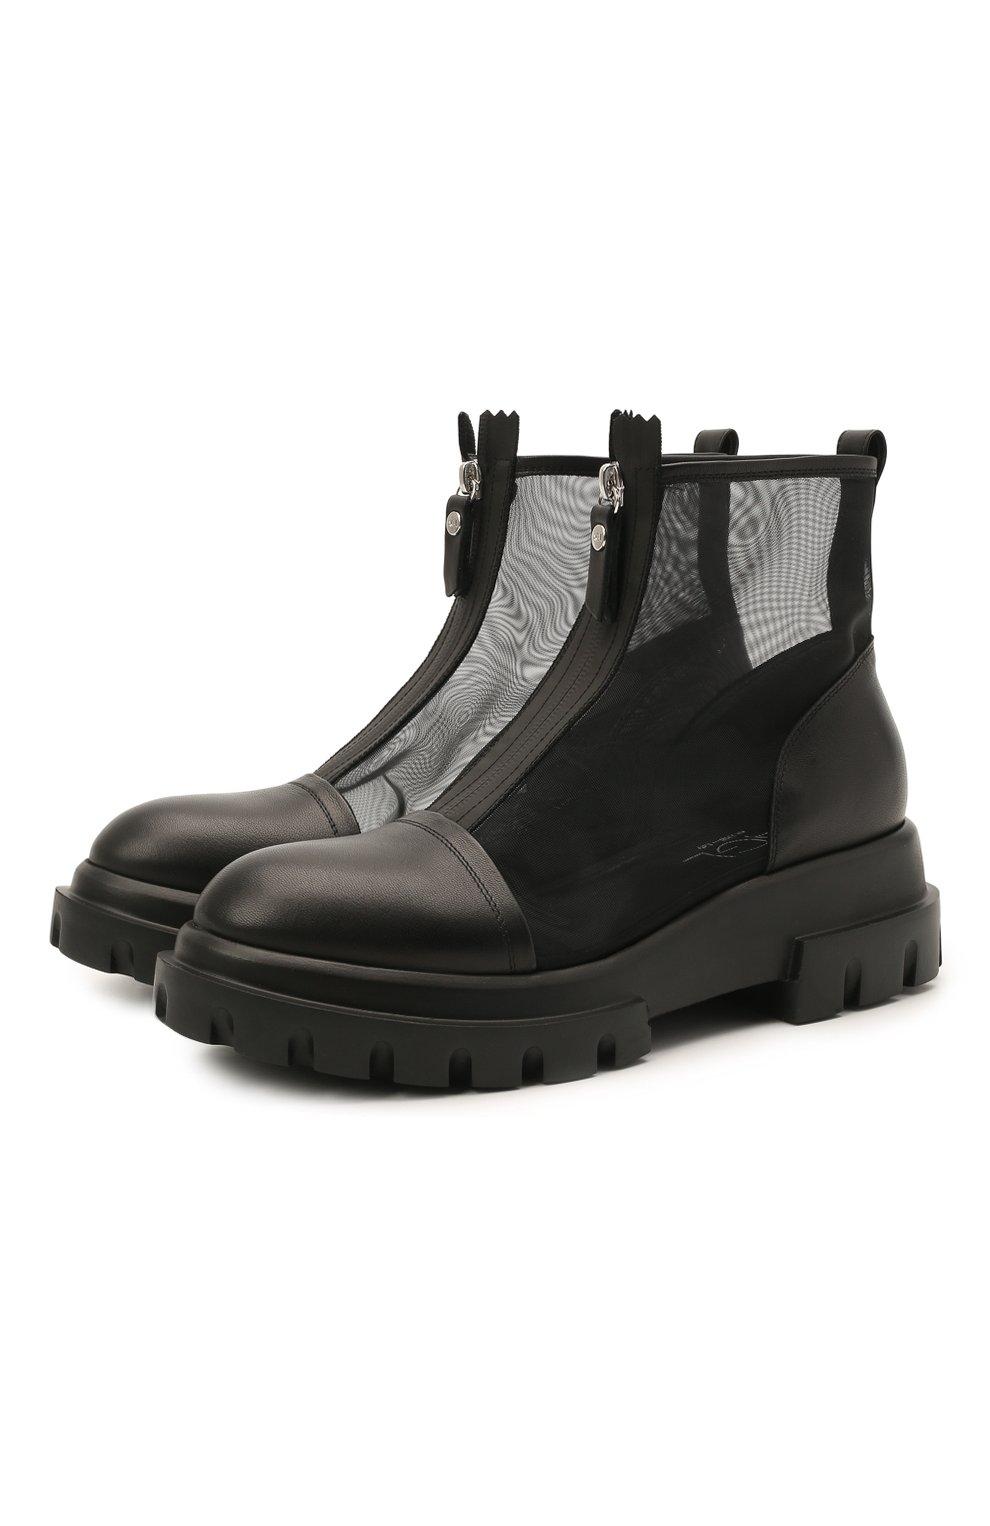 Женские комбинированные ботинки AGL черного цвета, арт. D756559PGKD0411049 | Фото 1 (Материал внешний: Текстиль; Подошва: Платформа; Каблук высота: Низкий; Материал внутренний: Натуральная кожа; Женское Кросс-КТ: Байкеры-ботинки)